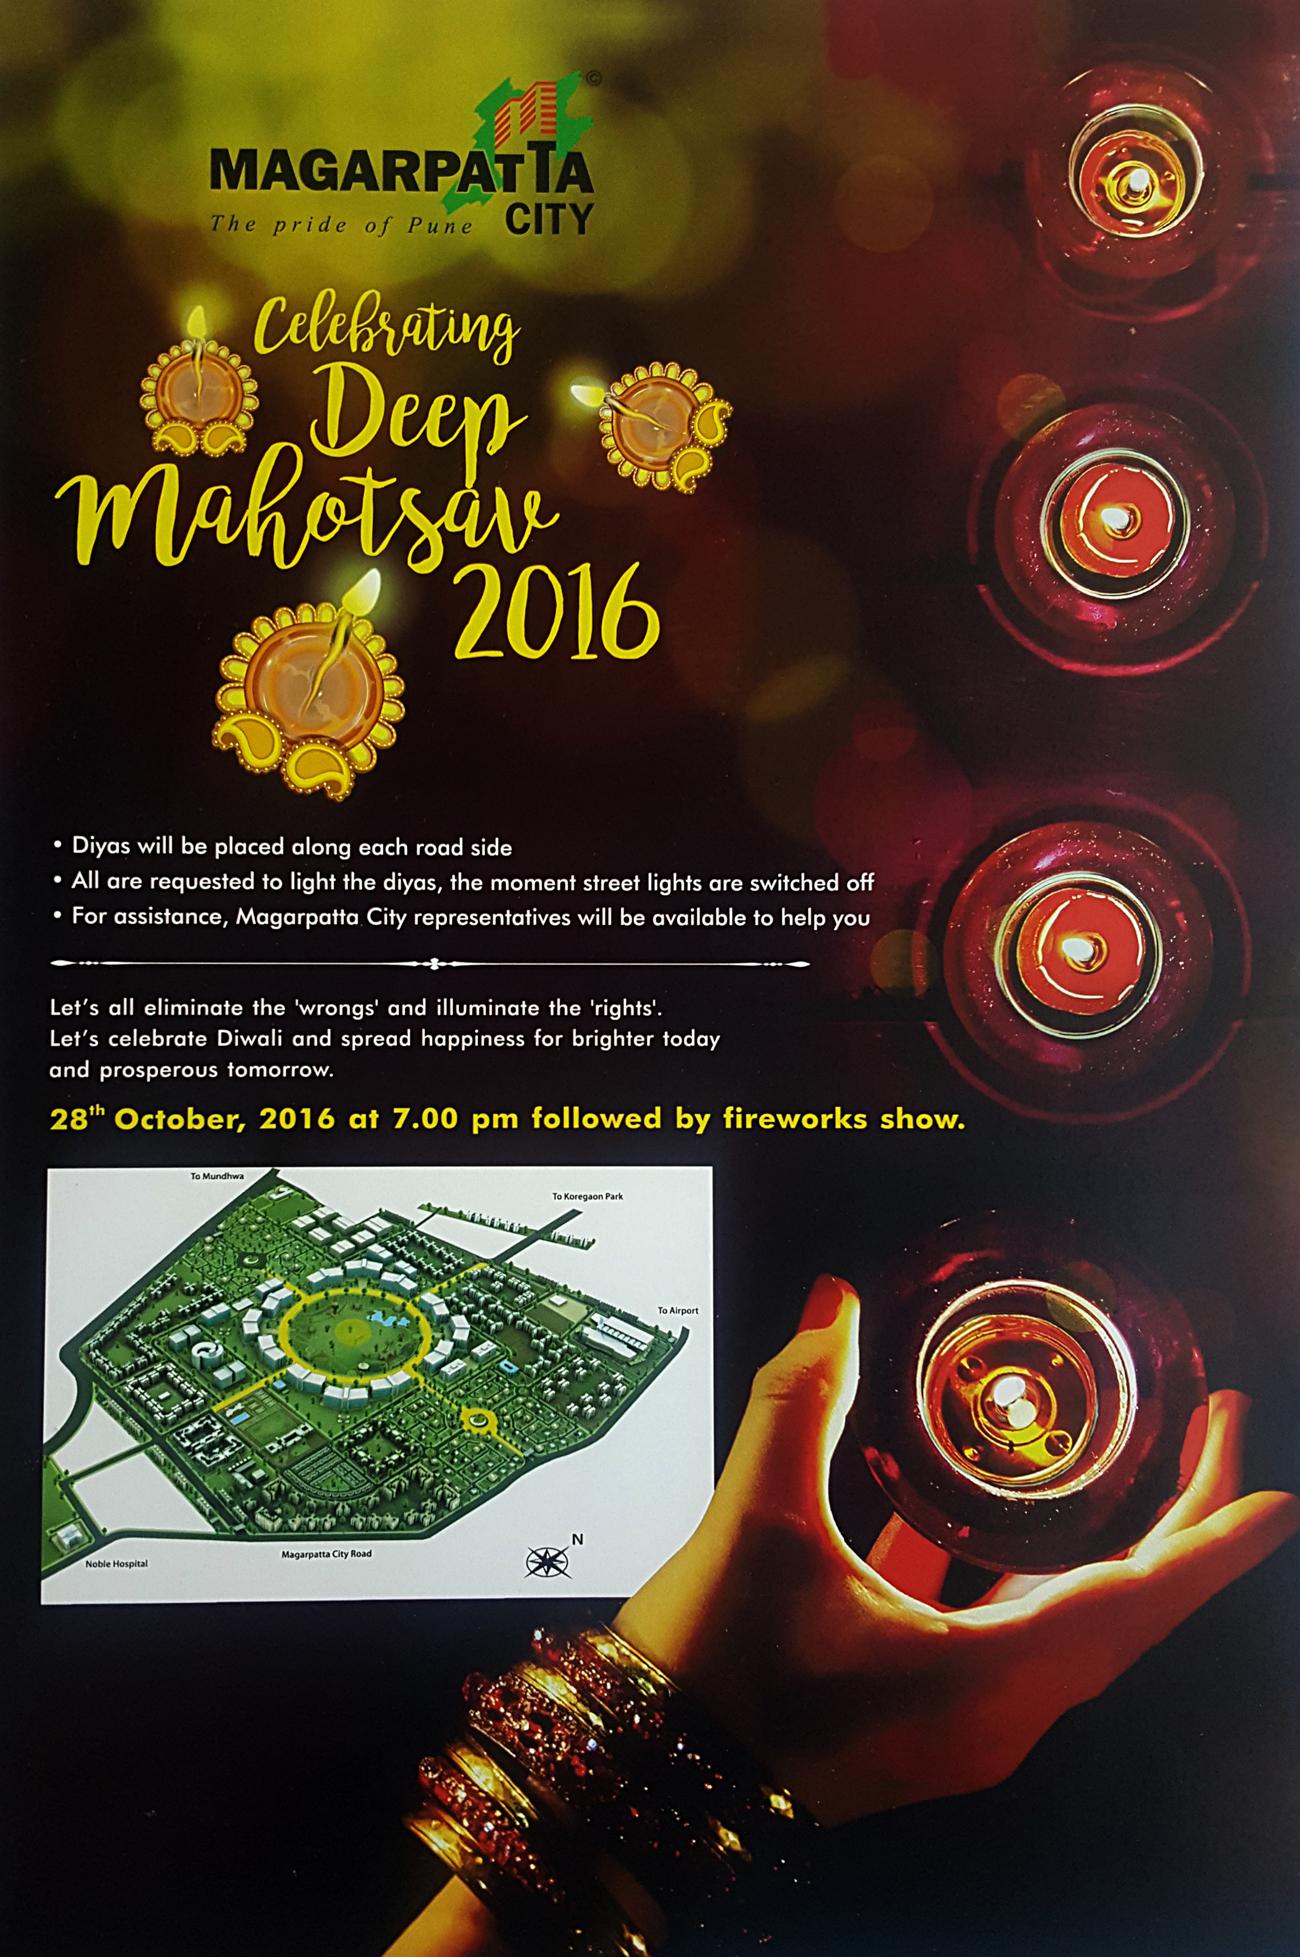 20161025_143450_mpcy-deep-mahotsav-small